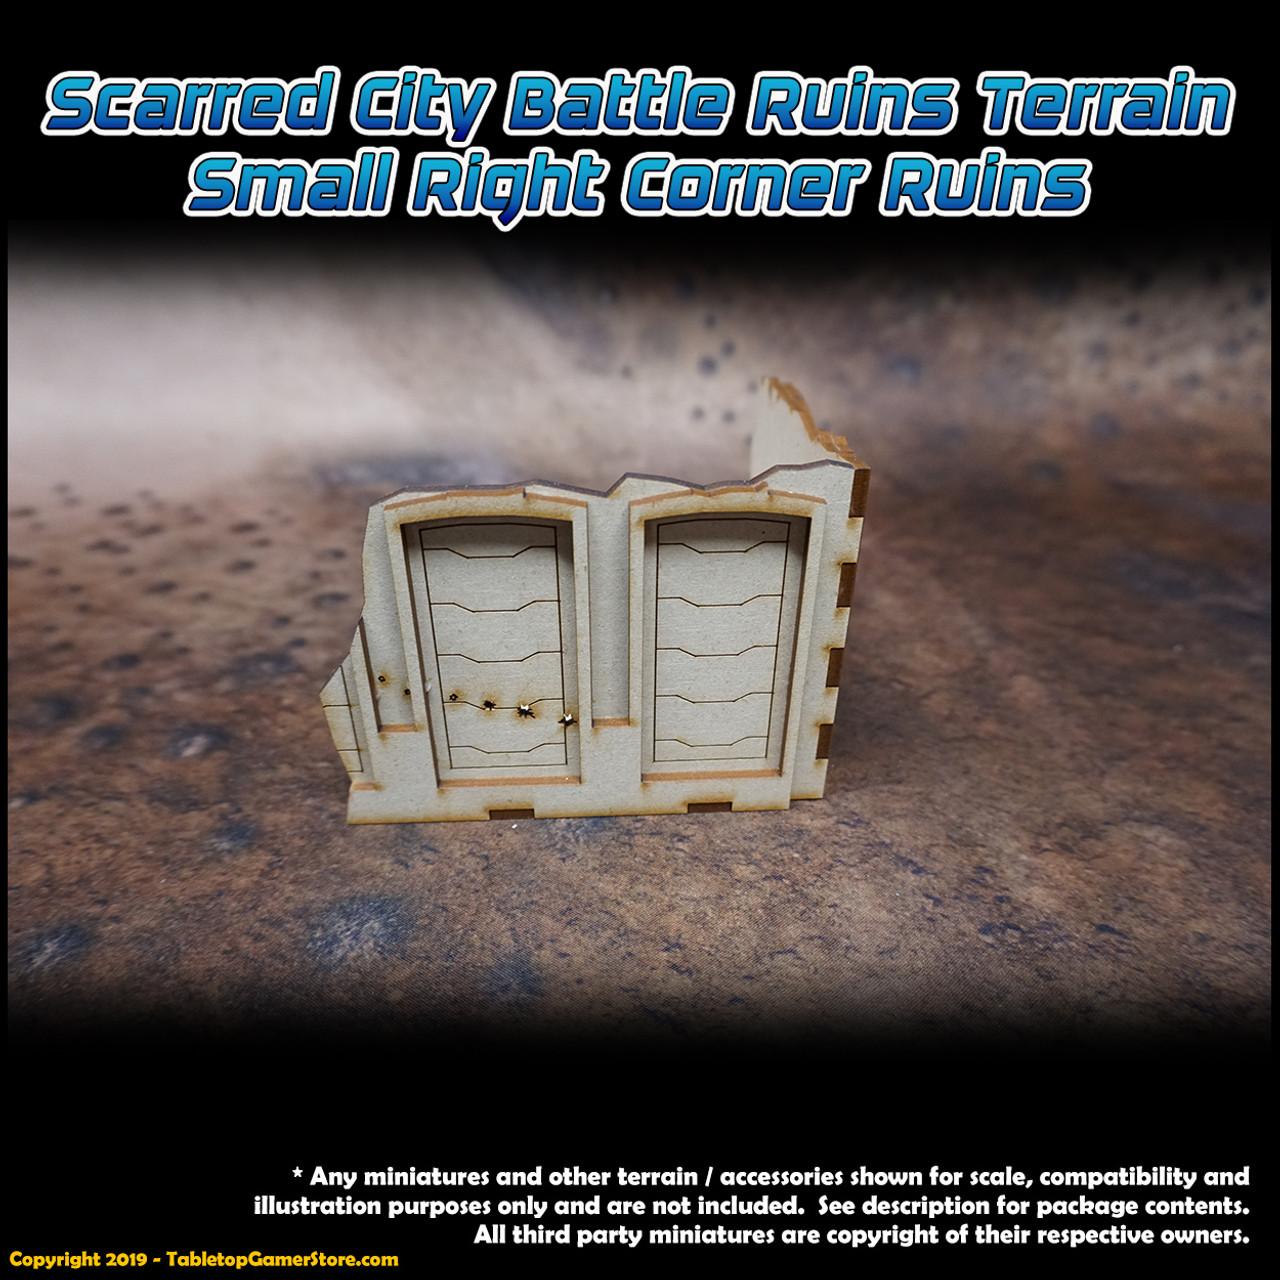 Scarred City Battle Ruins Terrain - Small Right Corner Ruins